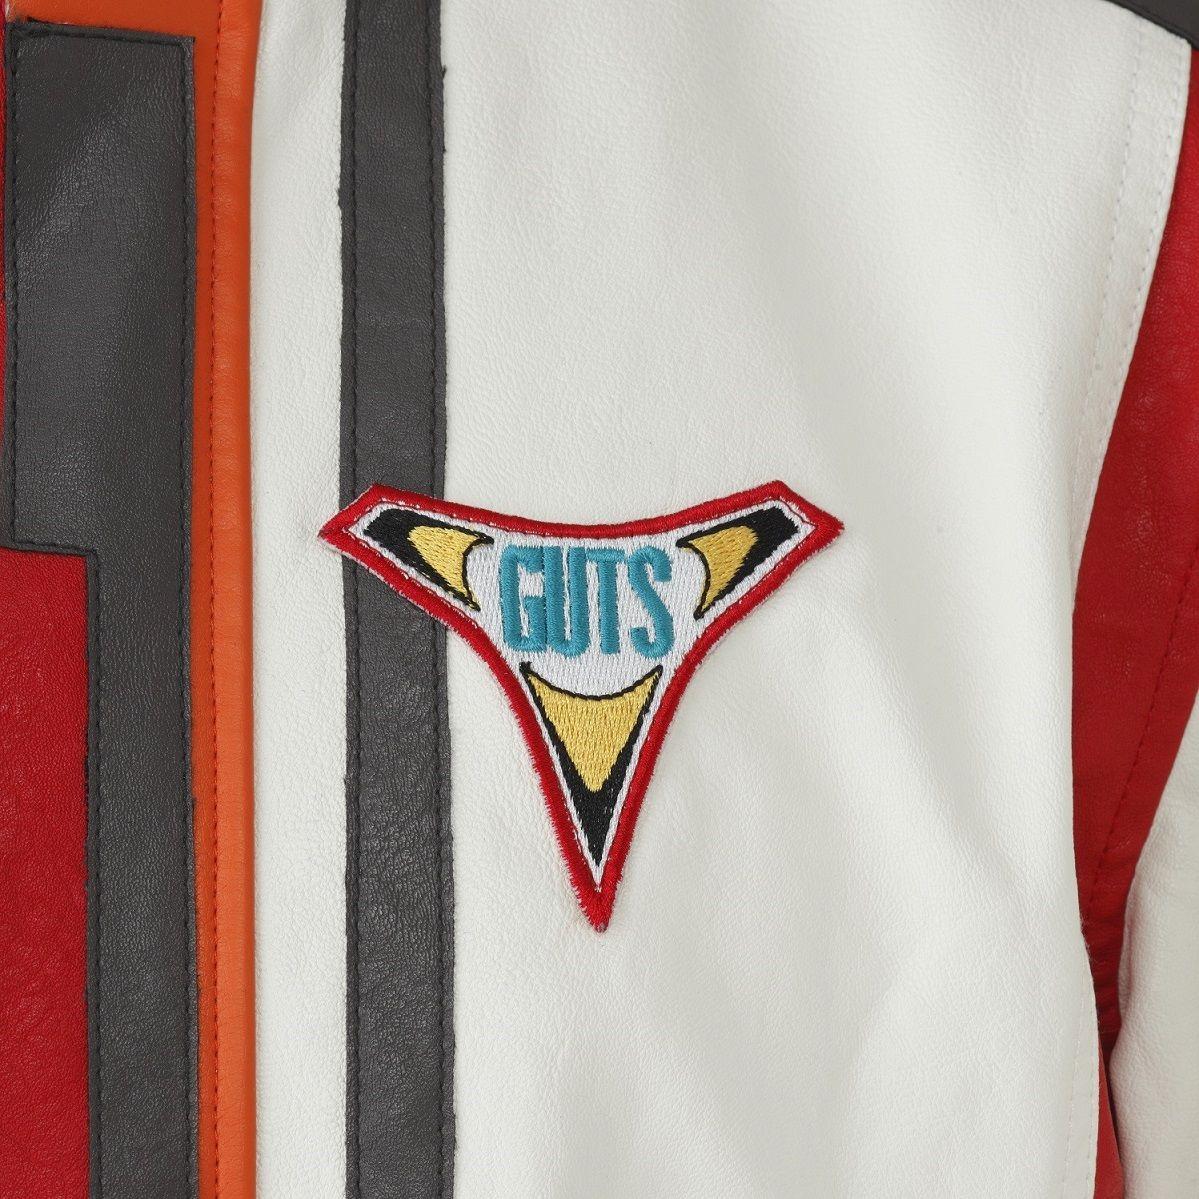 超人力霸王迪卡 GUTS 制服外套